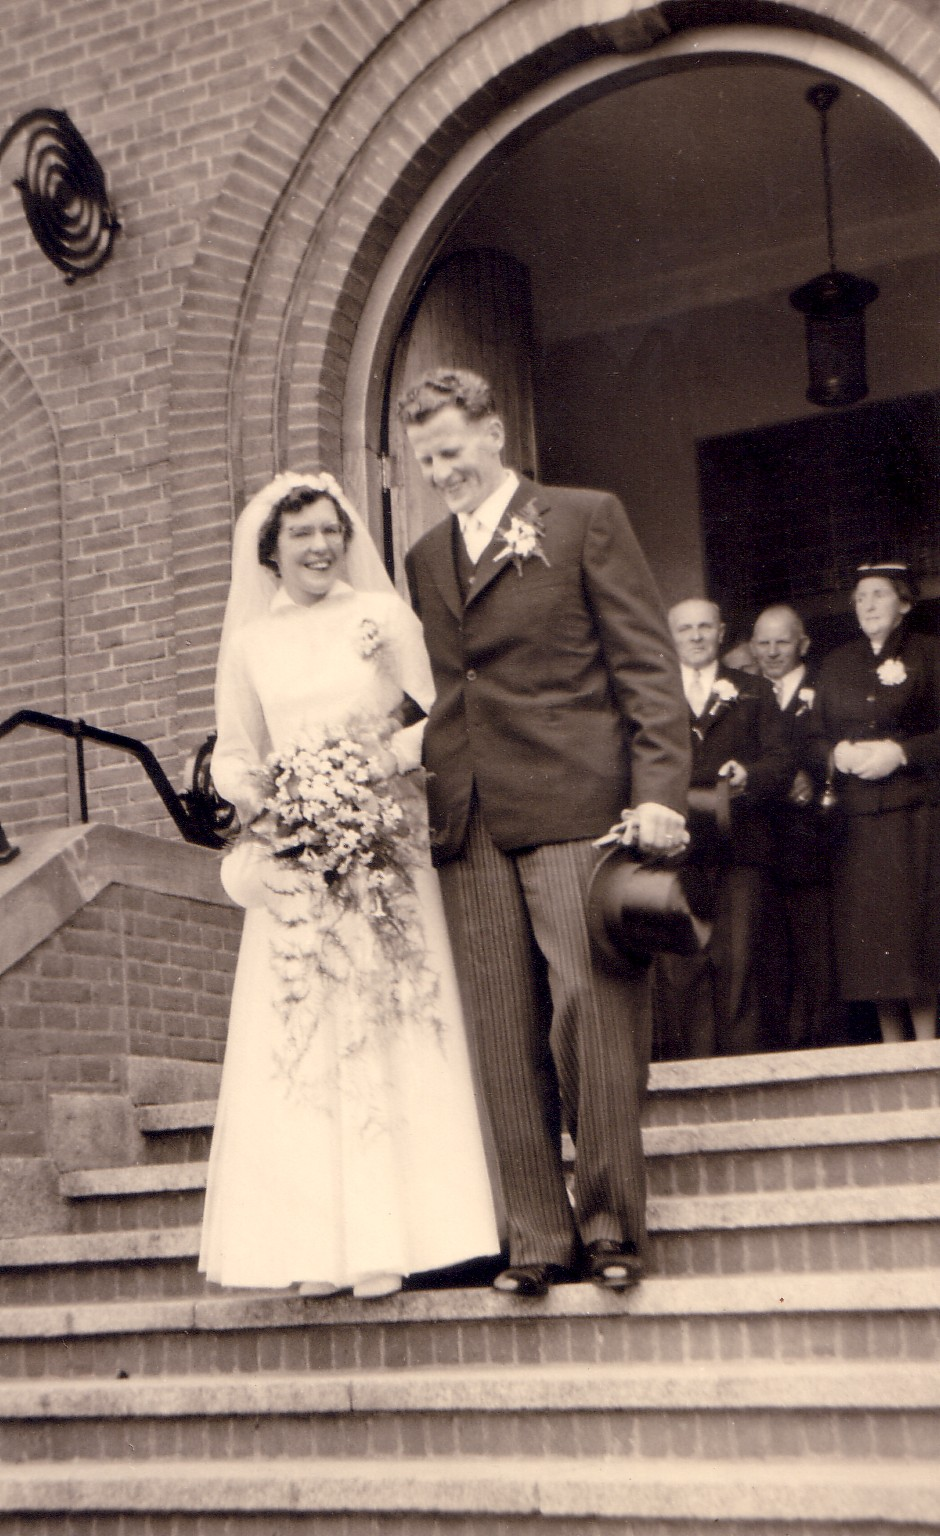 Huwelijk Christiaan Keijzer en Magthilda van Eijmeren (1956)